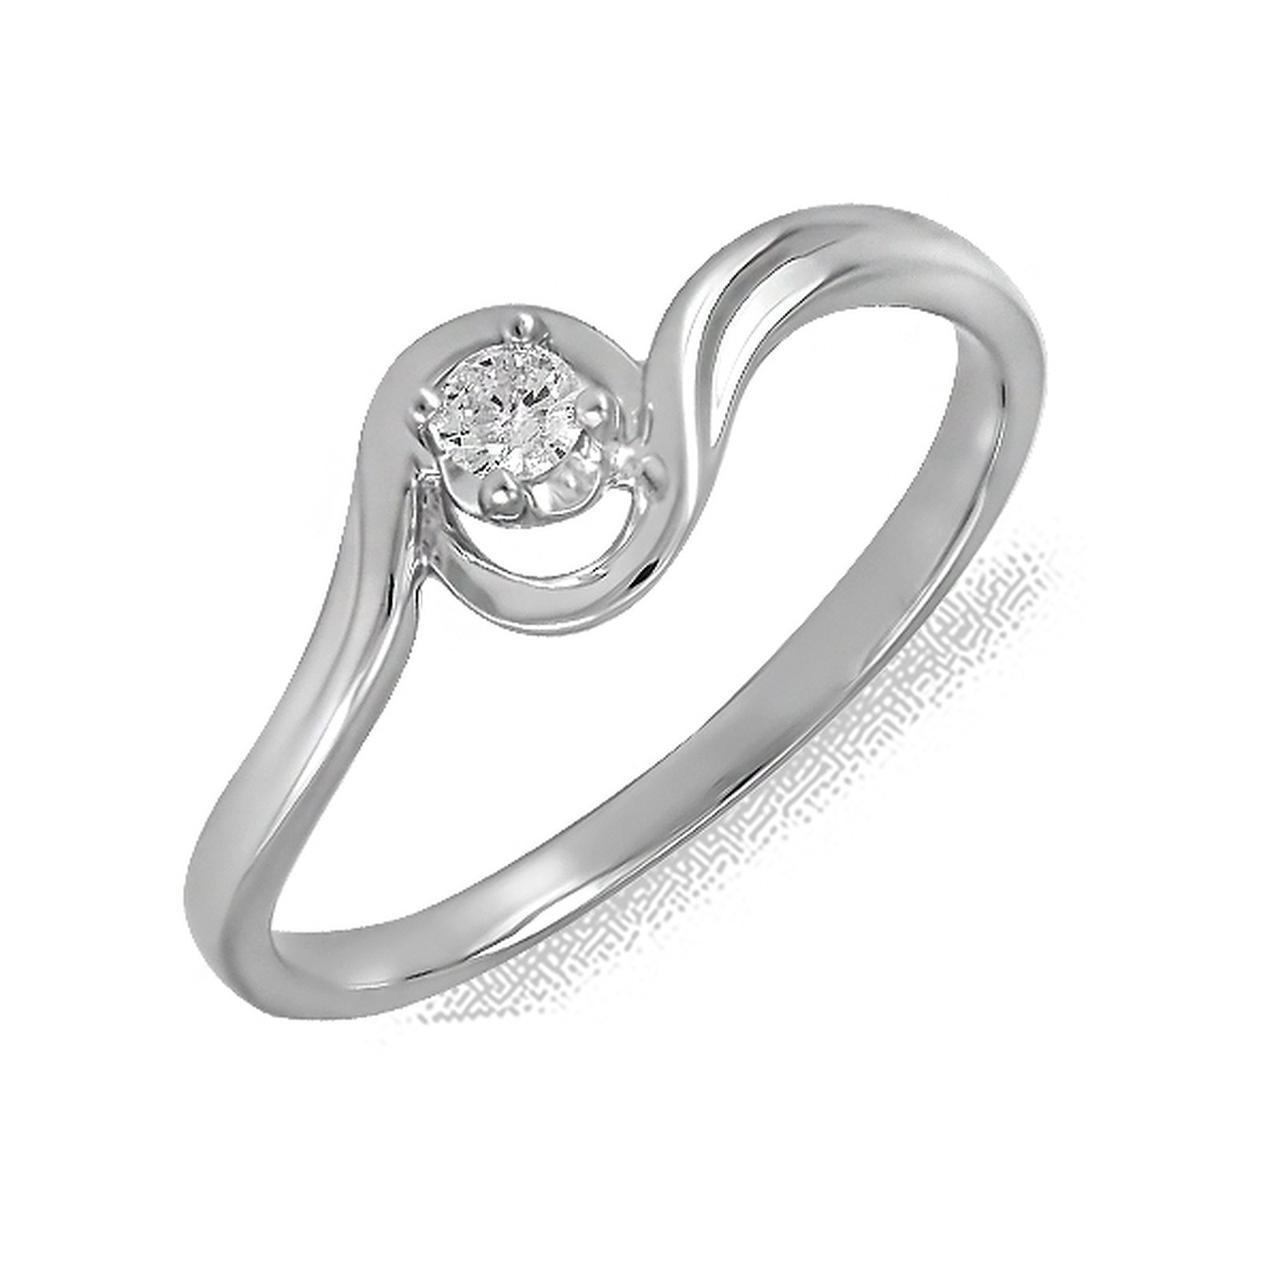 Золотое кольцо с бриллиантом, размер 16 (161846)